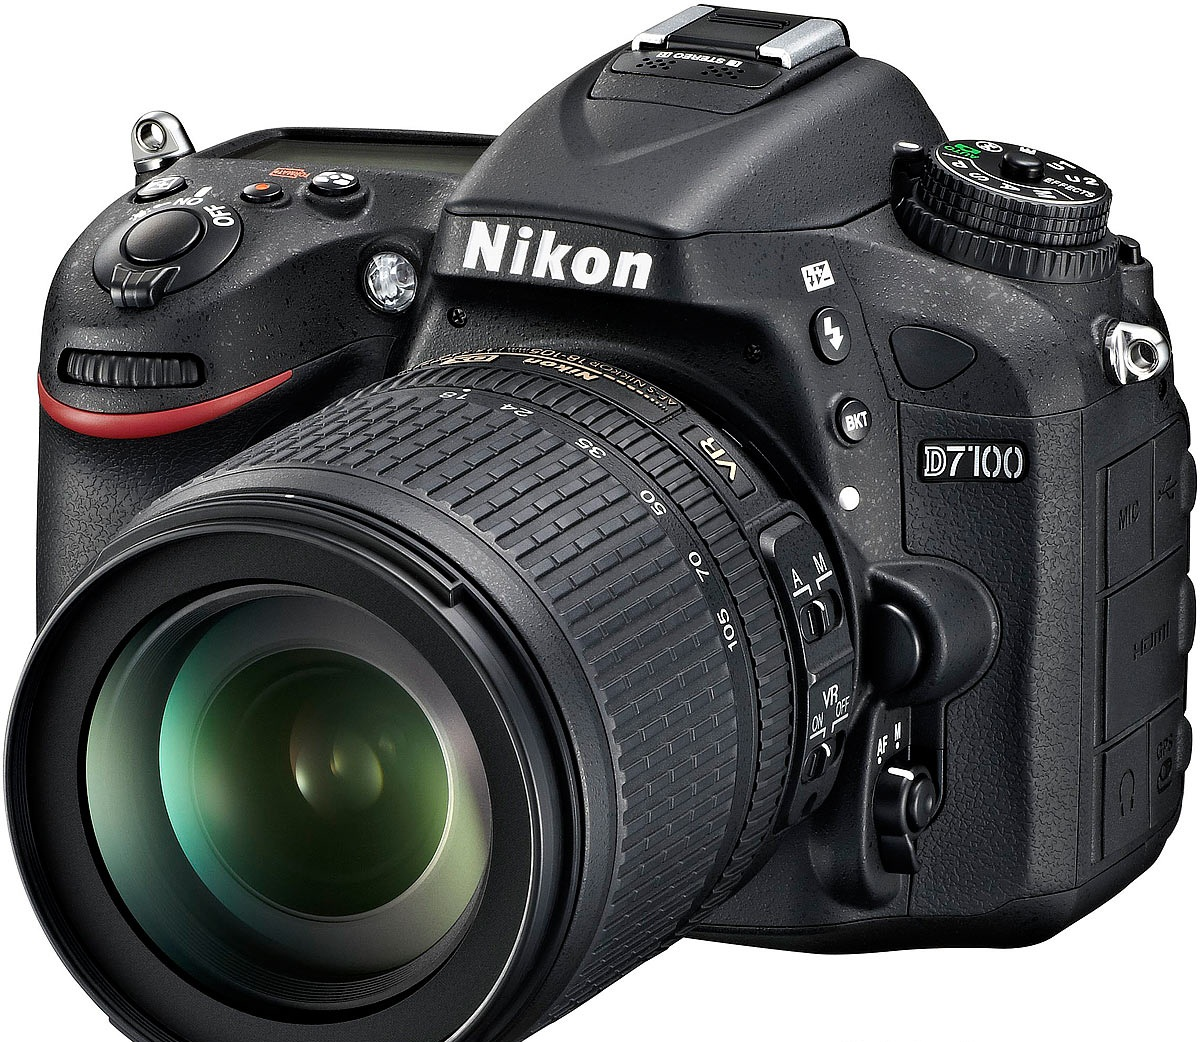 أسعار كاميرات نيكون ديجيتال فى مصر 2020